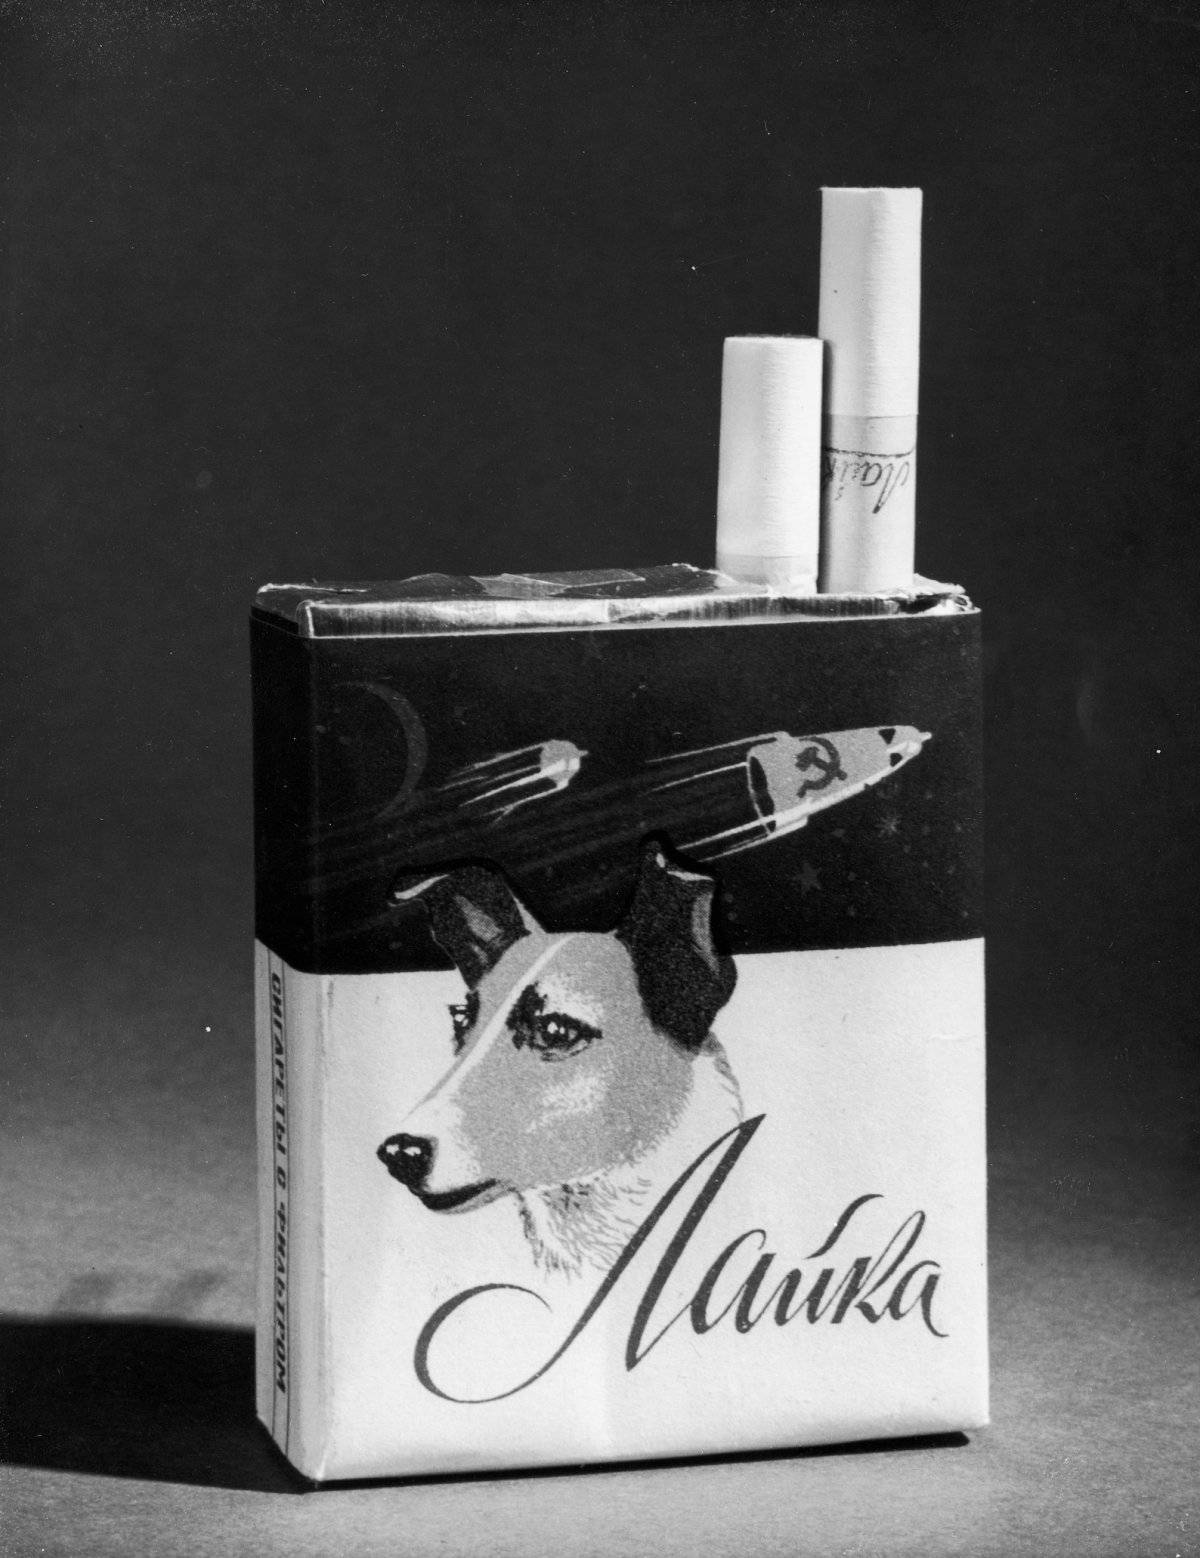 Se le recordó hasta en cajetillas de cigarros Foto: Getty Images